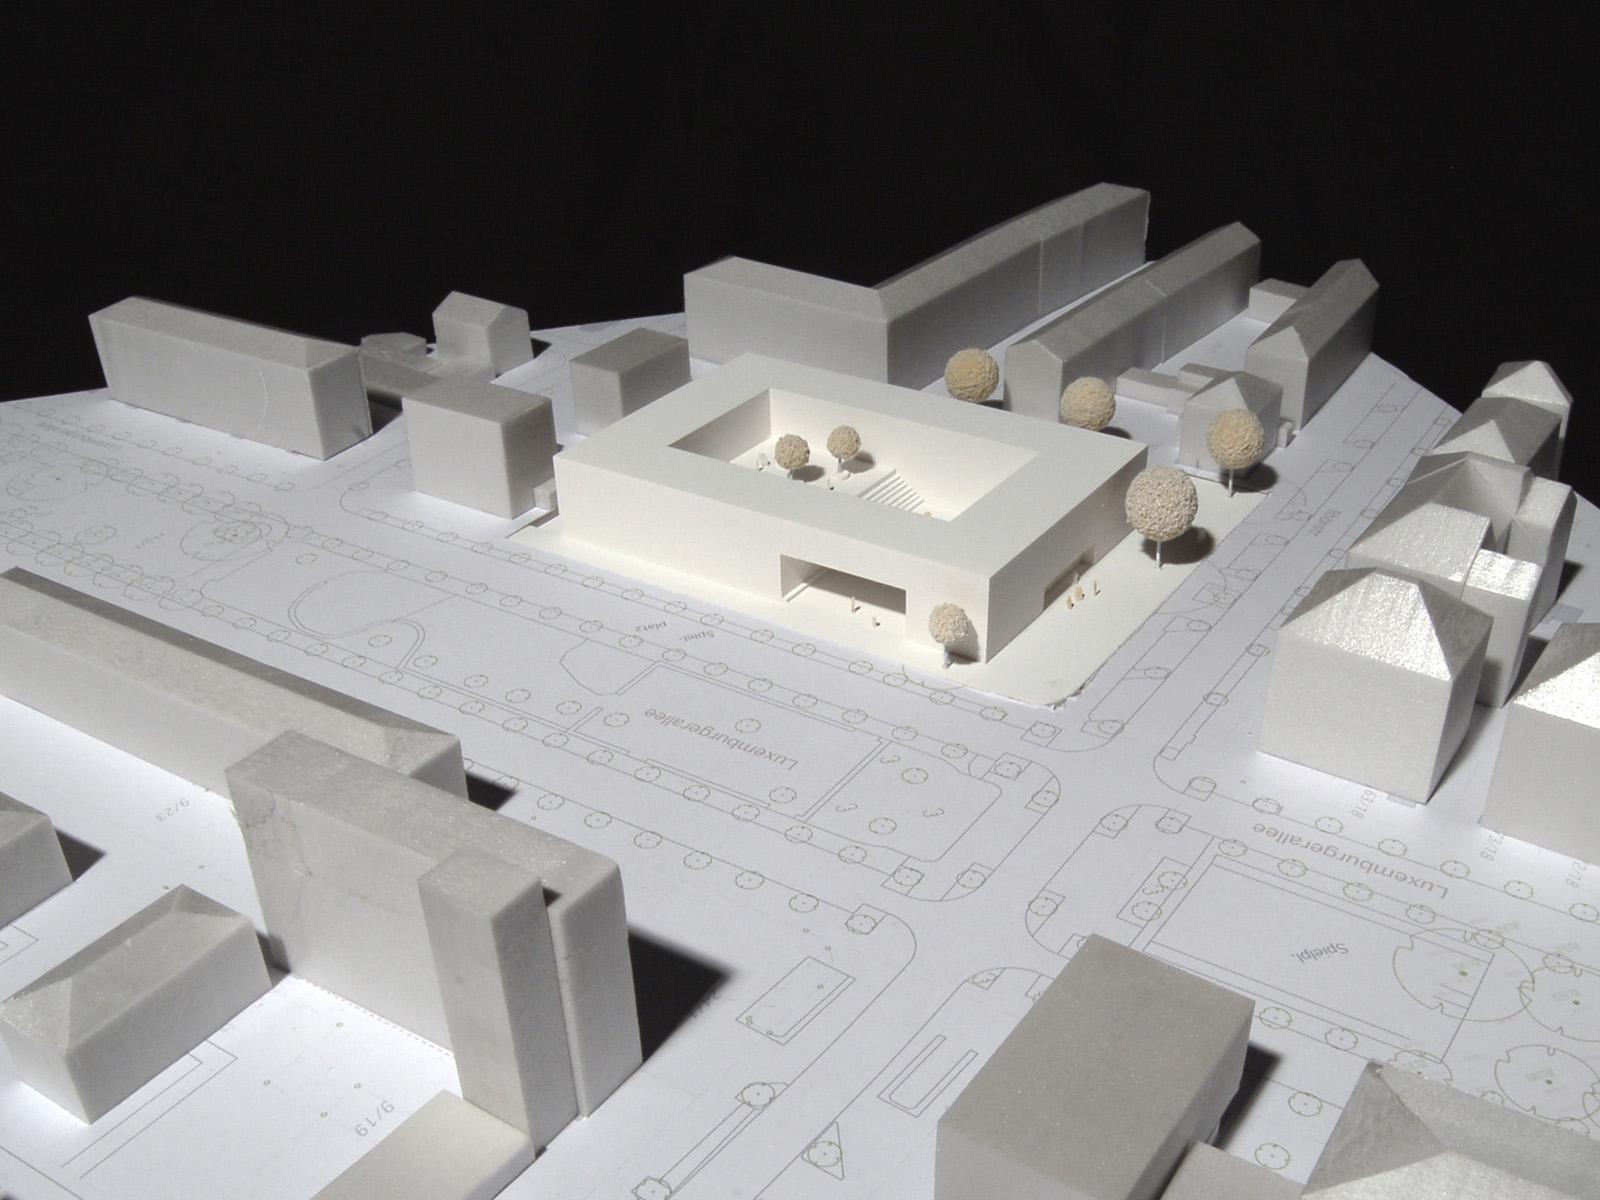 Neubau dahlmannschule frankfurt am main friedrich for Stellenanzeige stadtplaner